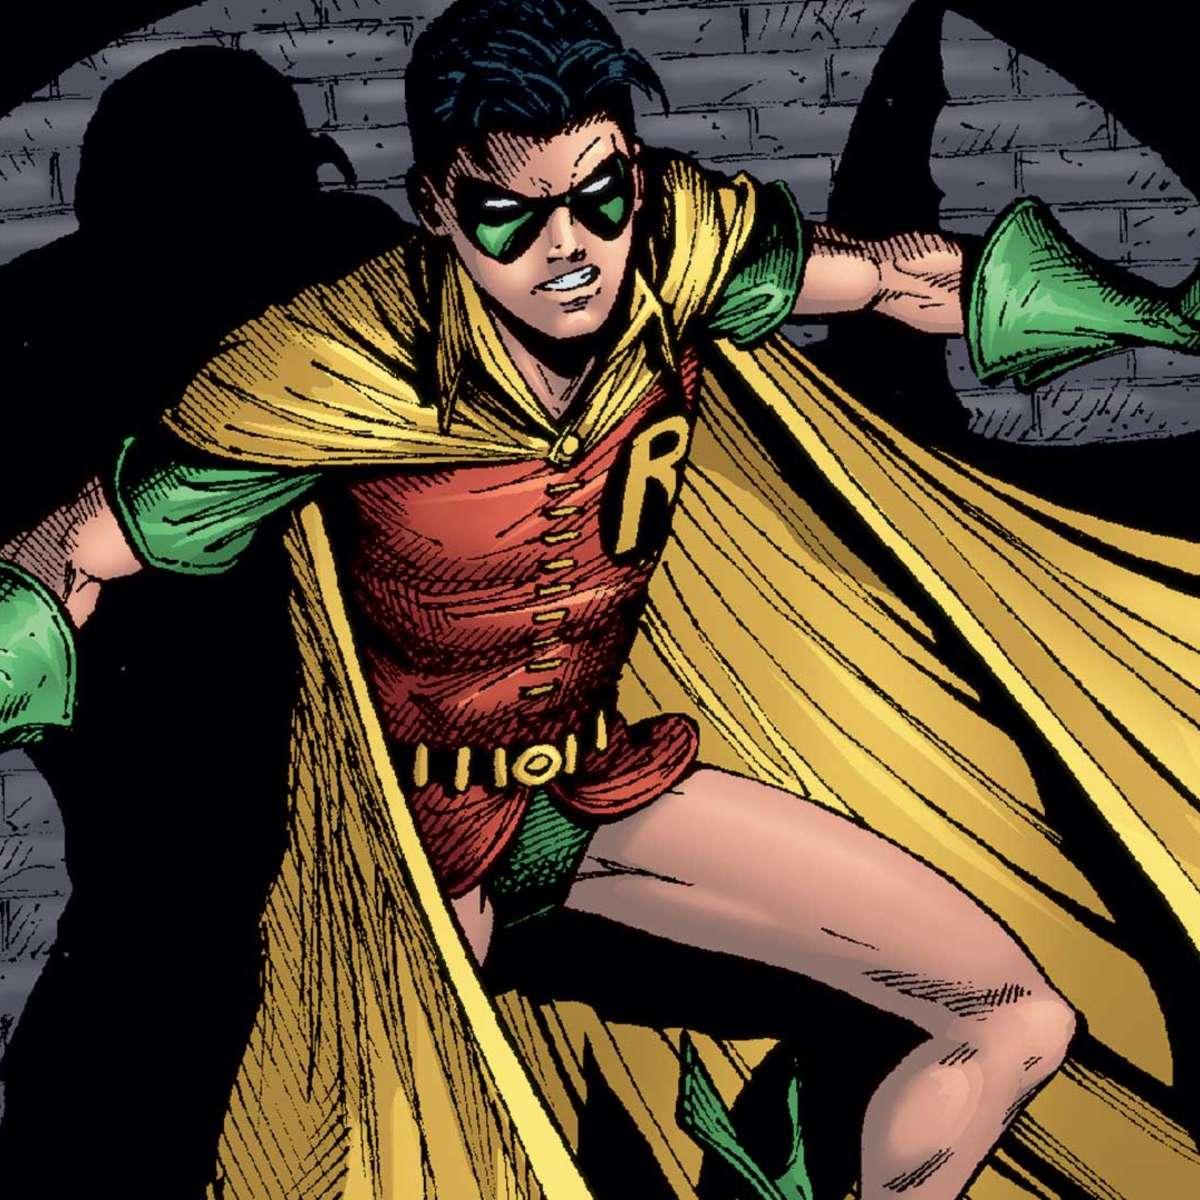 robin-dc-comics.jpg